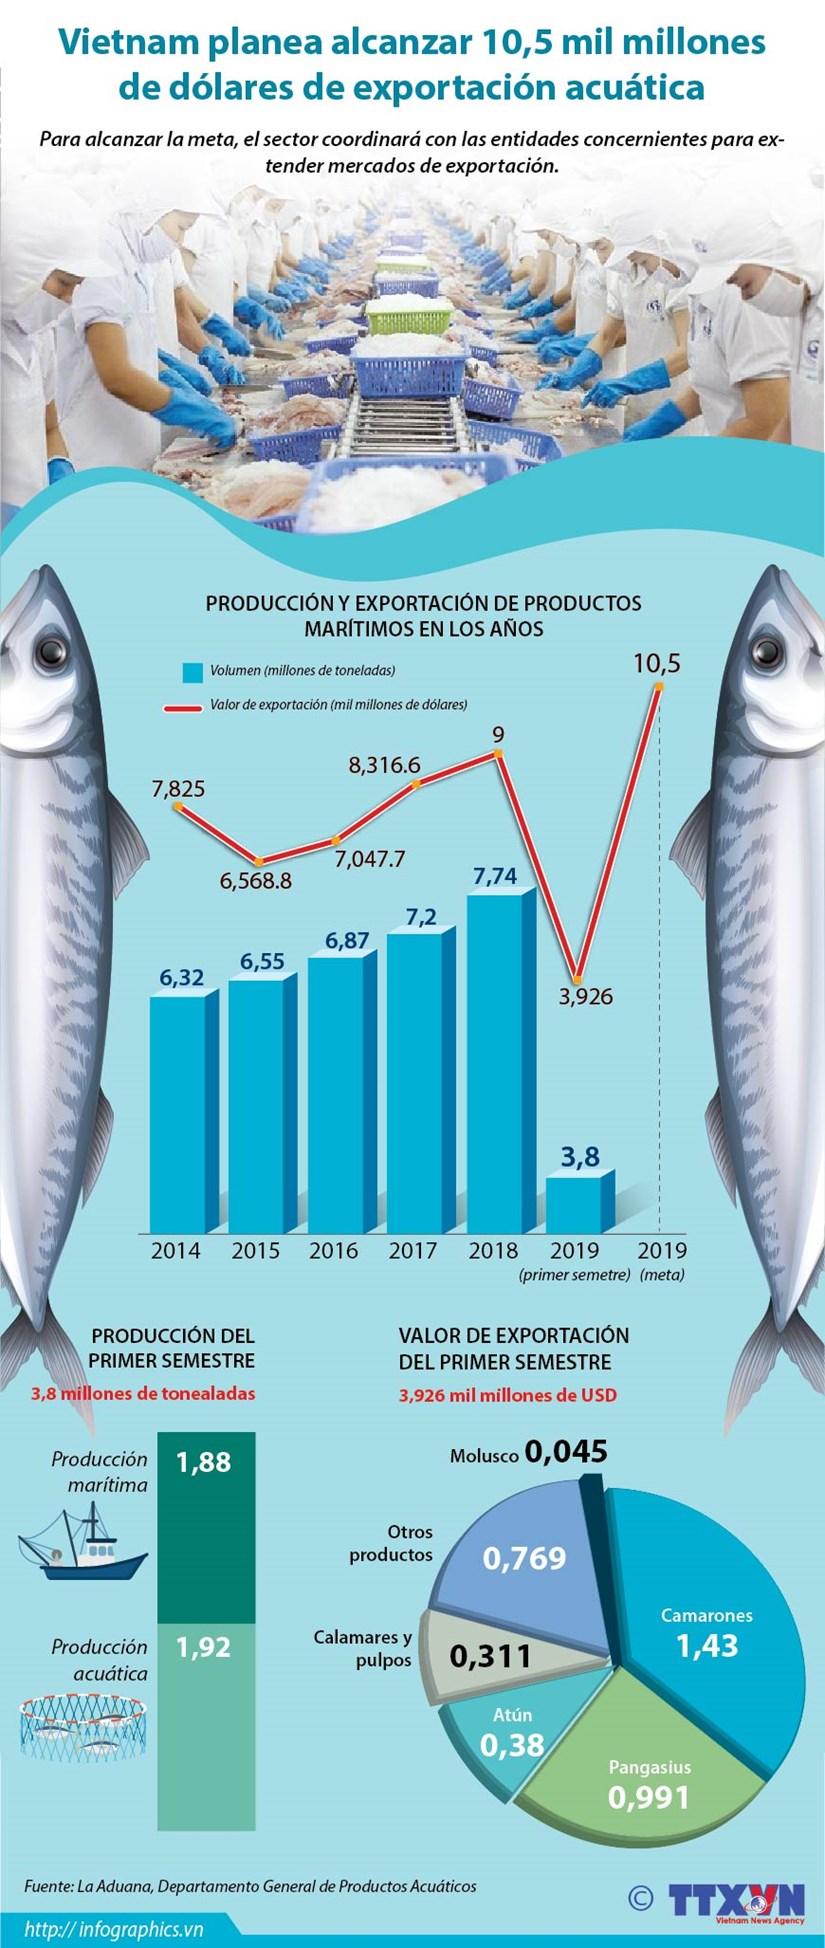 [Info] Vietnam planea alcanzar 10,5 mil millones de dolares de exportacion acuatica hinh anh 1